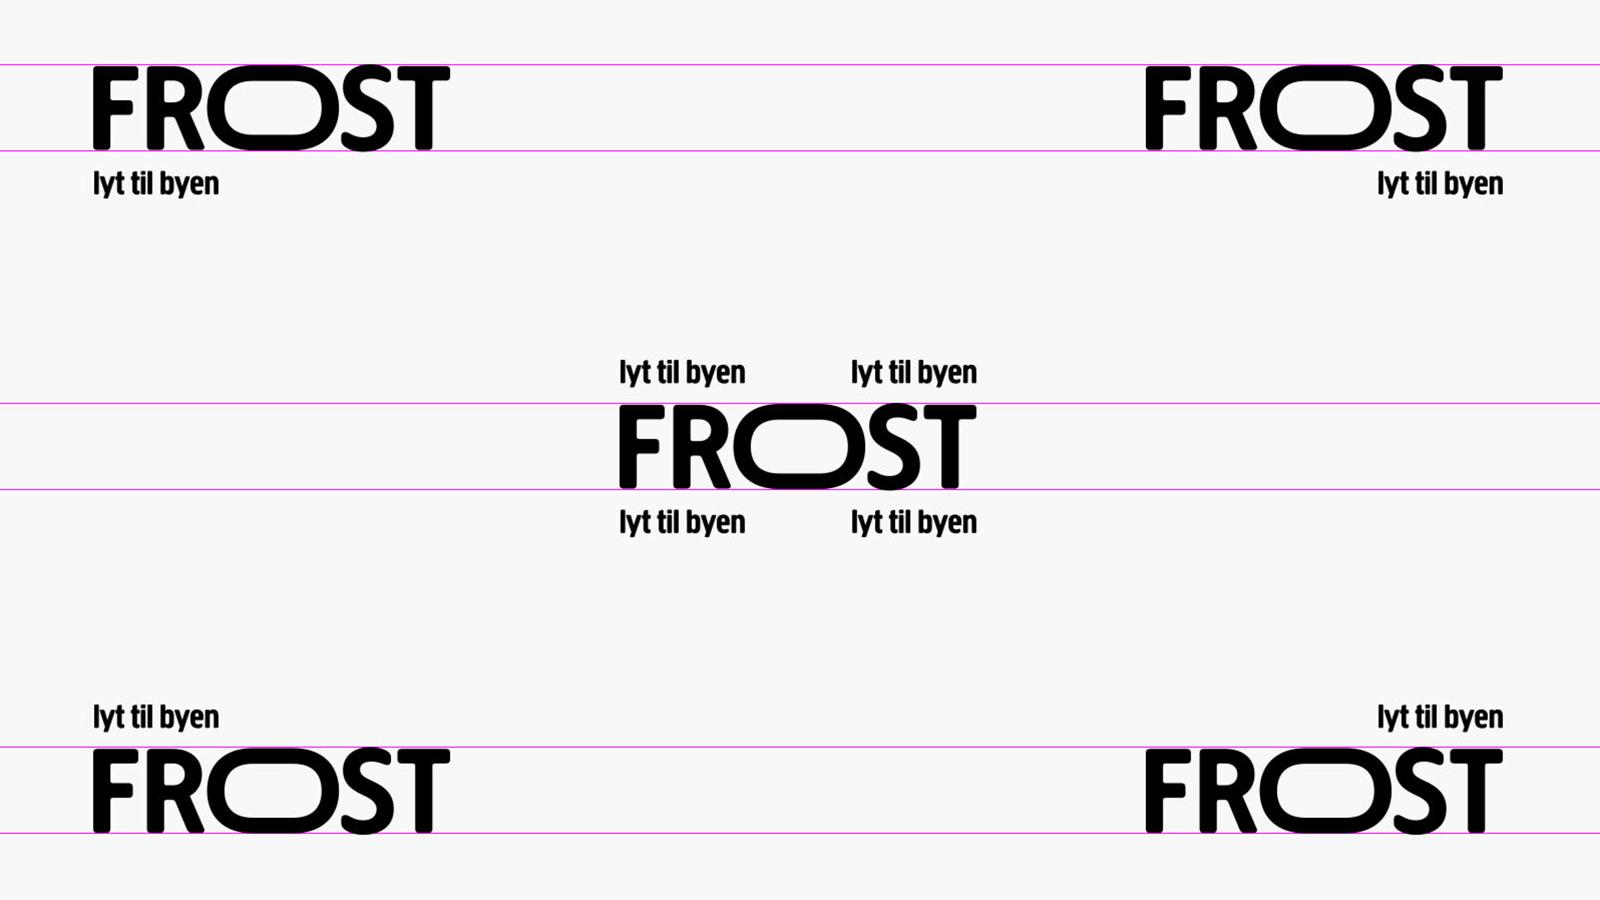 Frost_2012_009.jpg